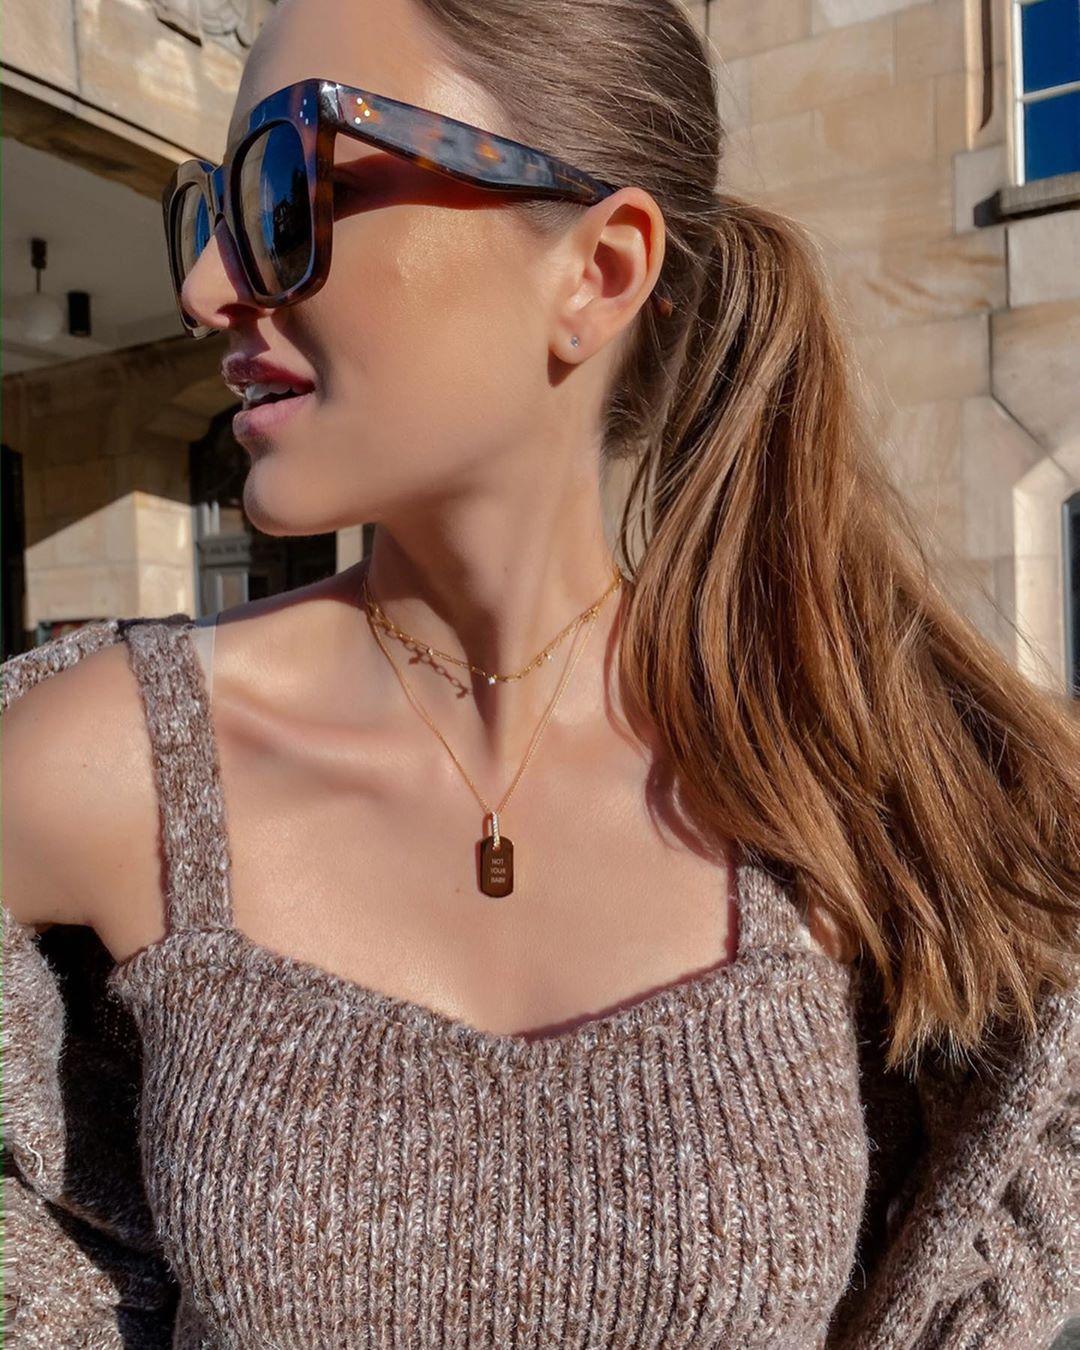 knit top with straps de Zara sur rosaandthecity